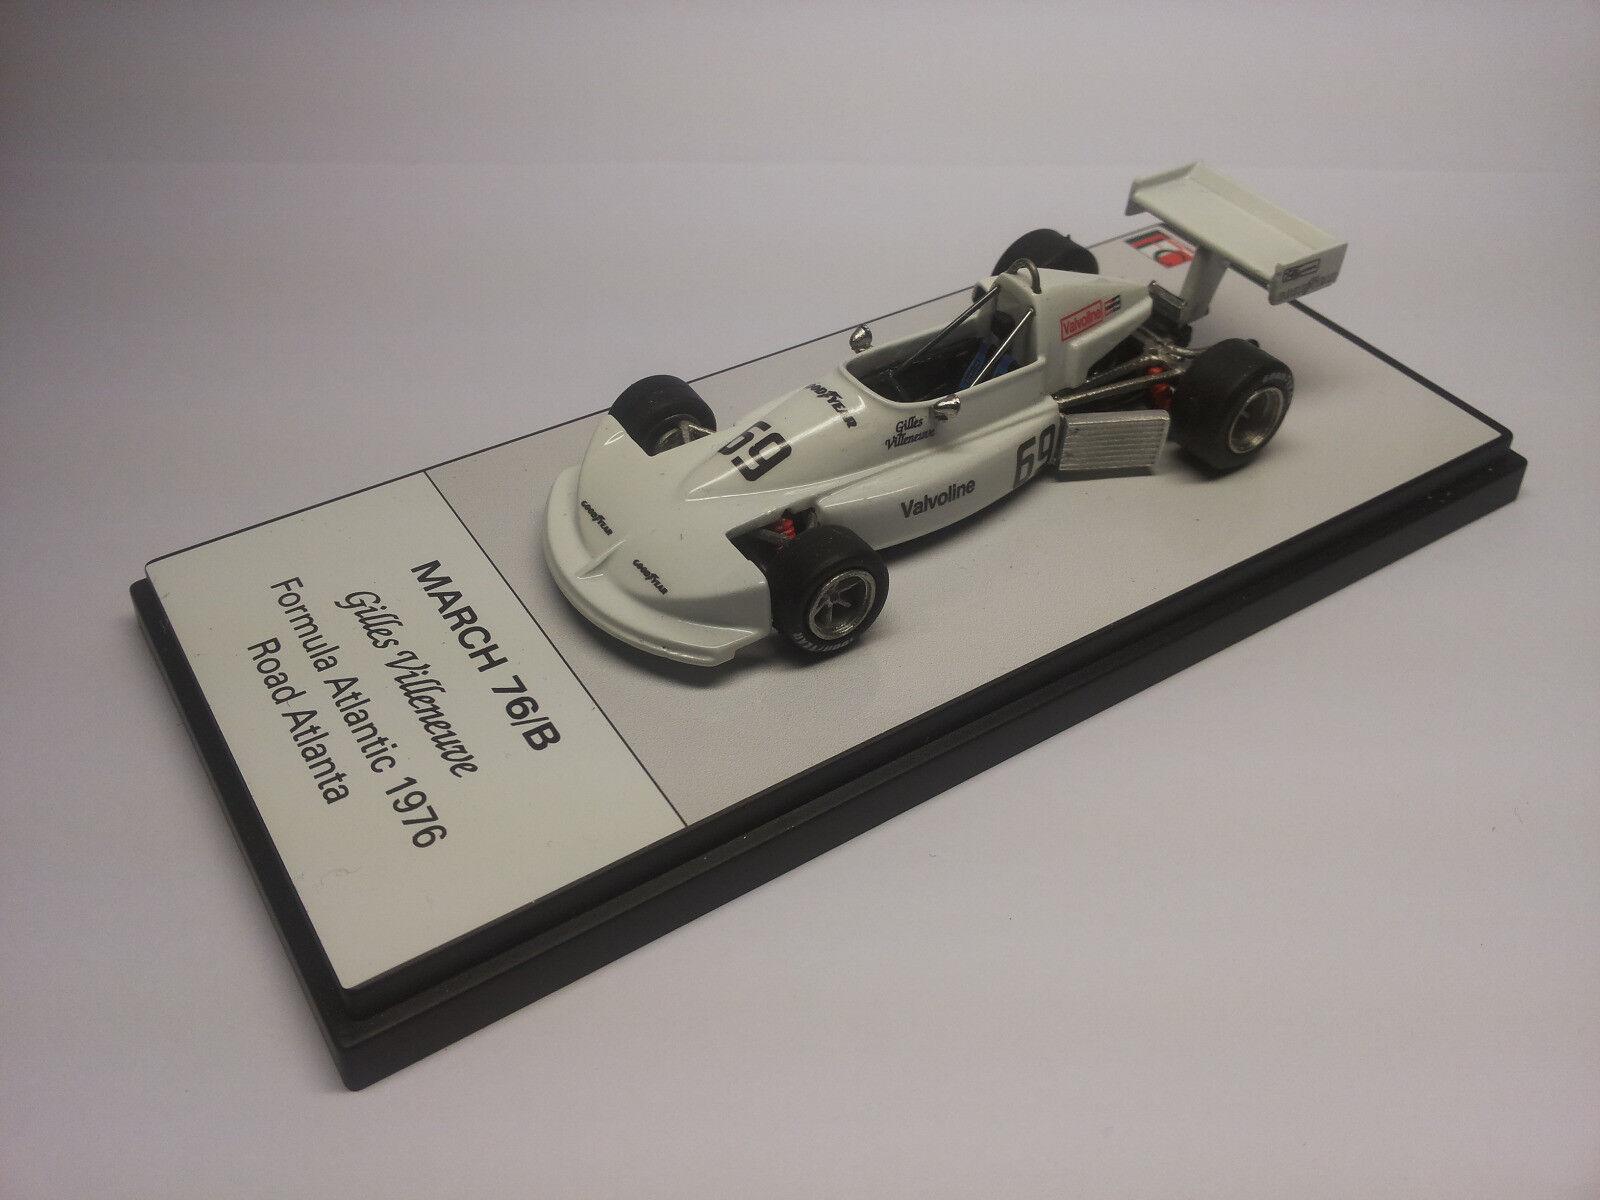 Sconto del 60% Gilles Villeneuve March 76 76 76 b  la migliore selezione di